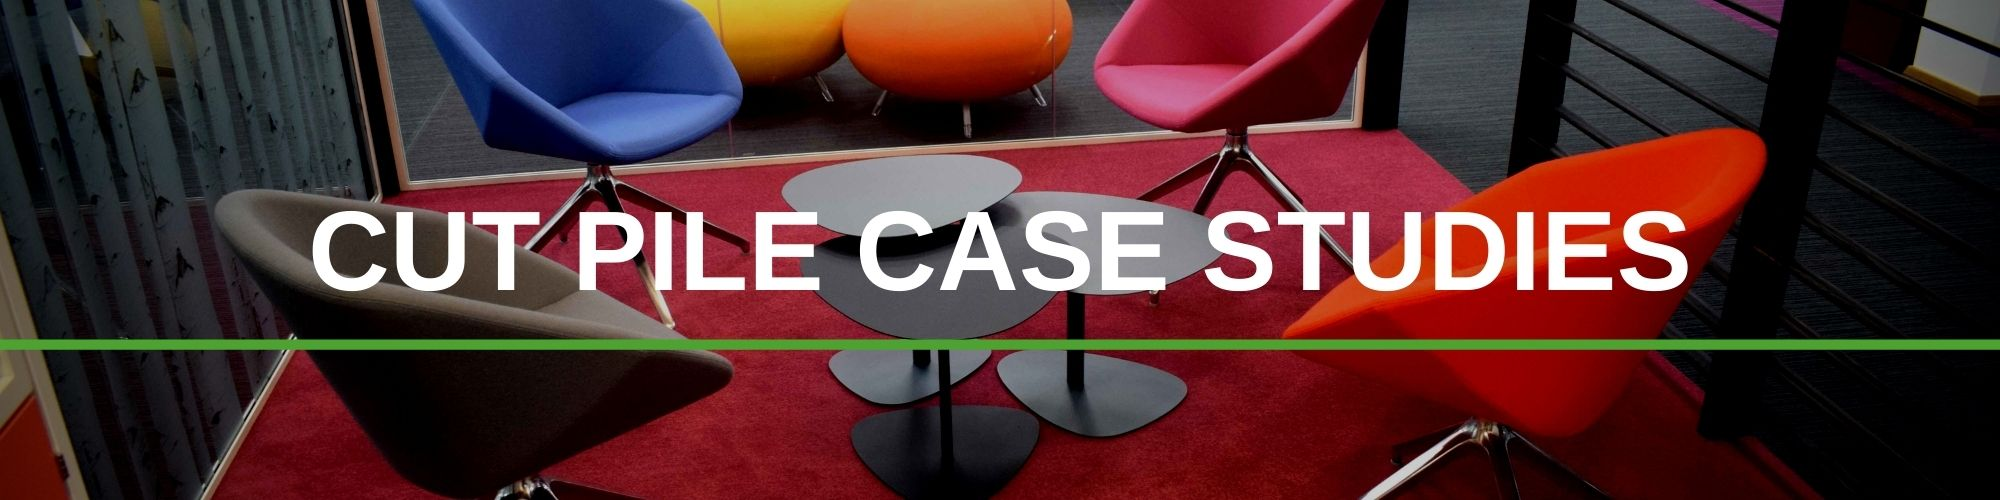 CUT PILE CASE STUDIES | Paragon Carpet Tiles | Commercial Carpet Tiles